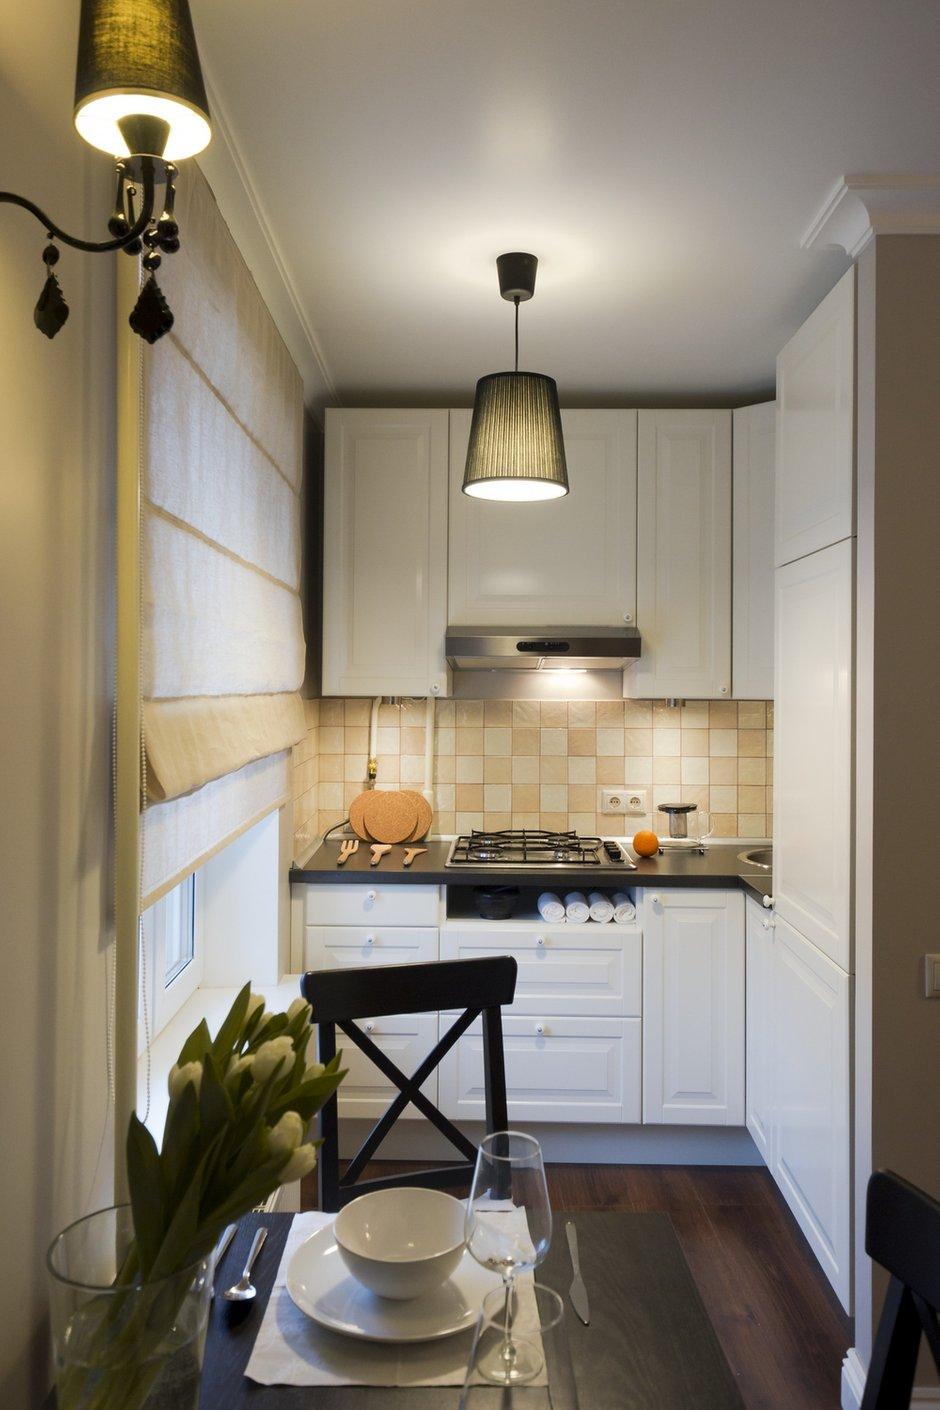 Фотография: Кухня и столовая в стиле Прованс и Кантри, Современный, Малогабаритная квартира, Квартира, Дома и квартиры – фото на INMYROOM